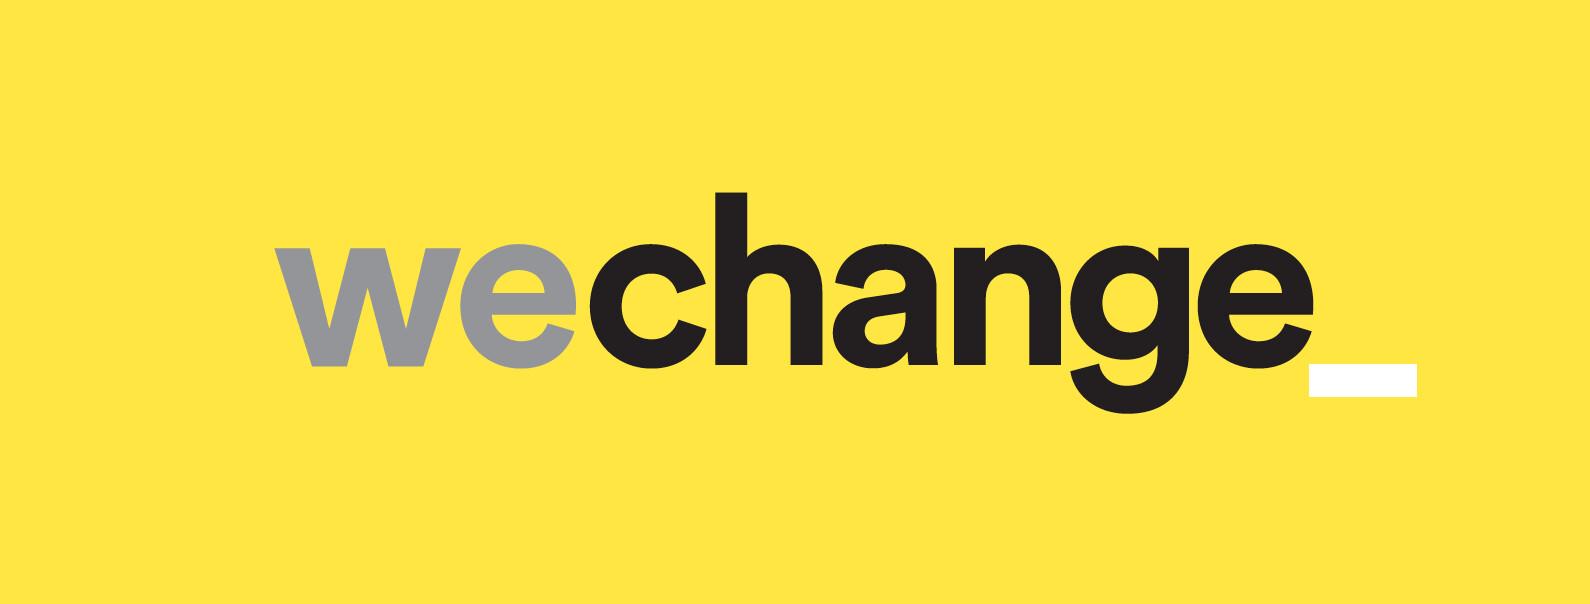 We Change